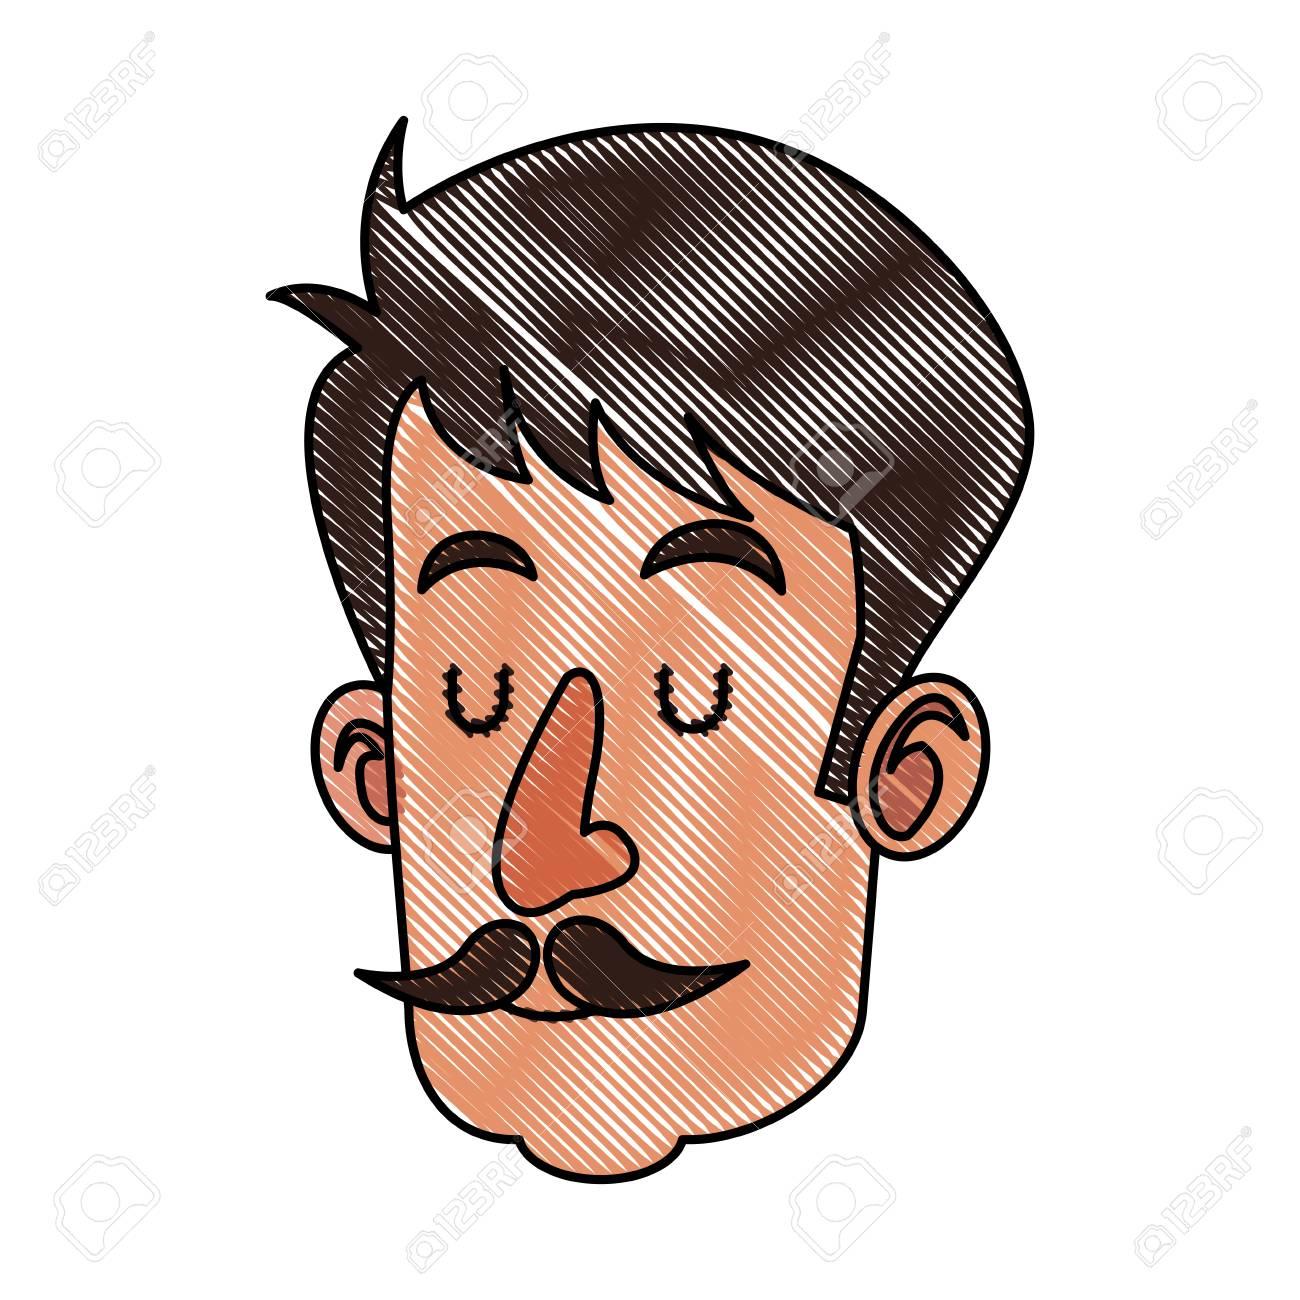 Dibujo Cabeza Hombre Con Bigote Ojos Cerrados Ilustración Vectorial